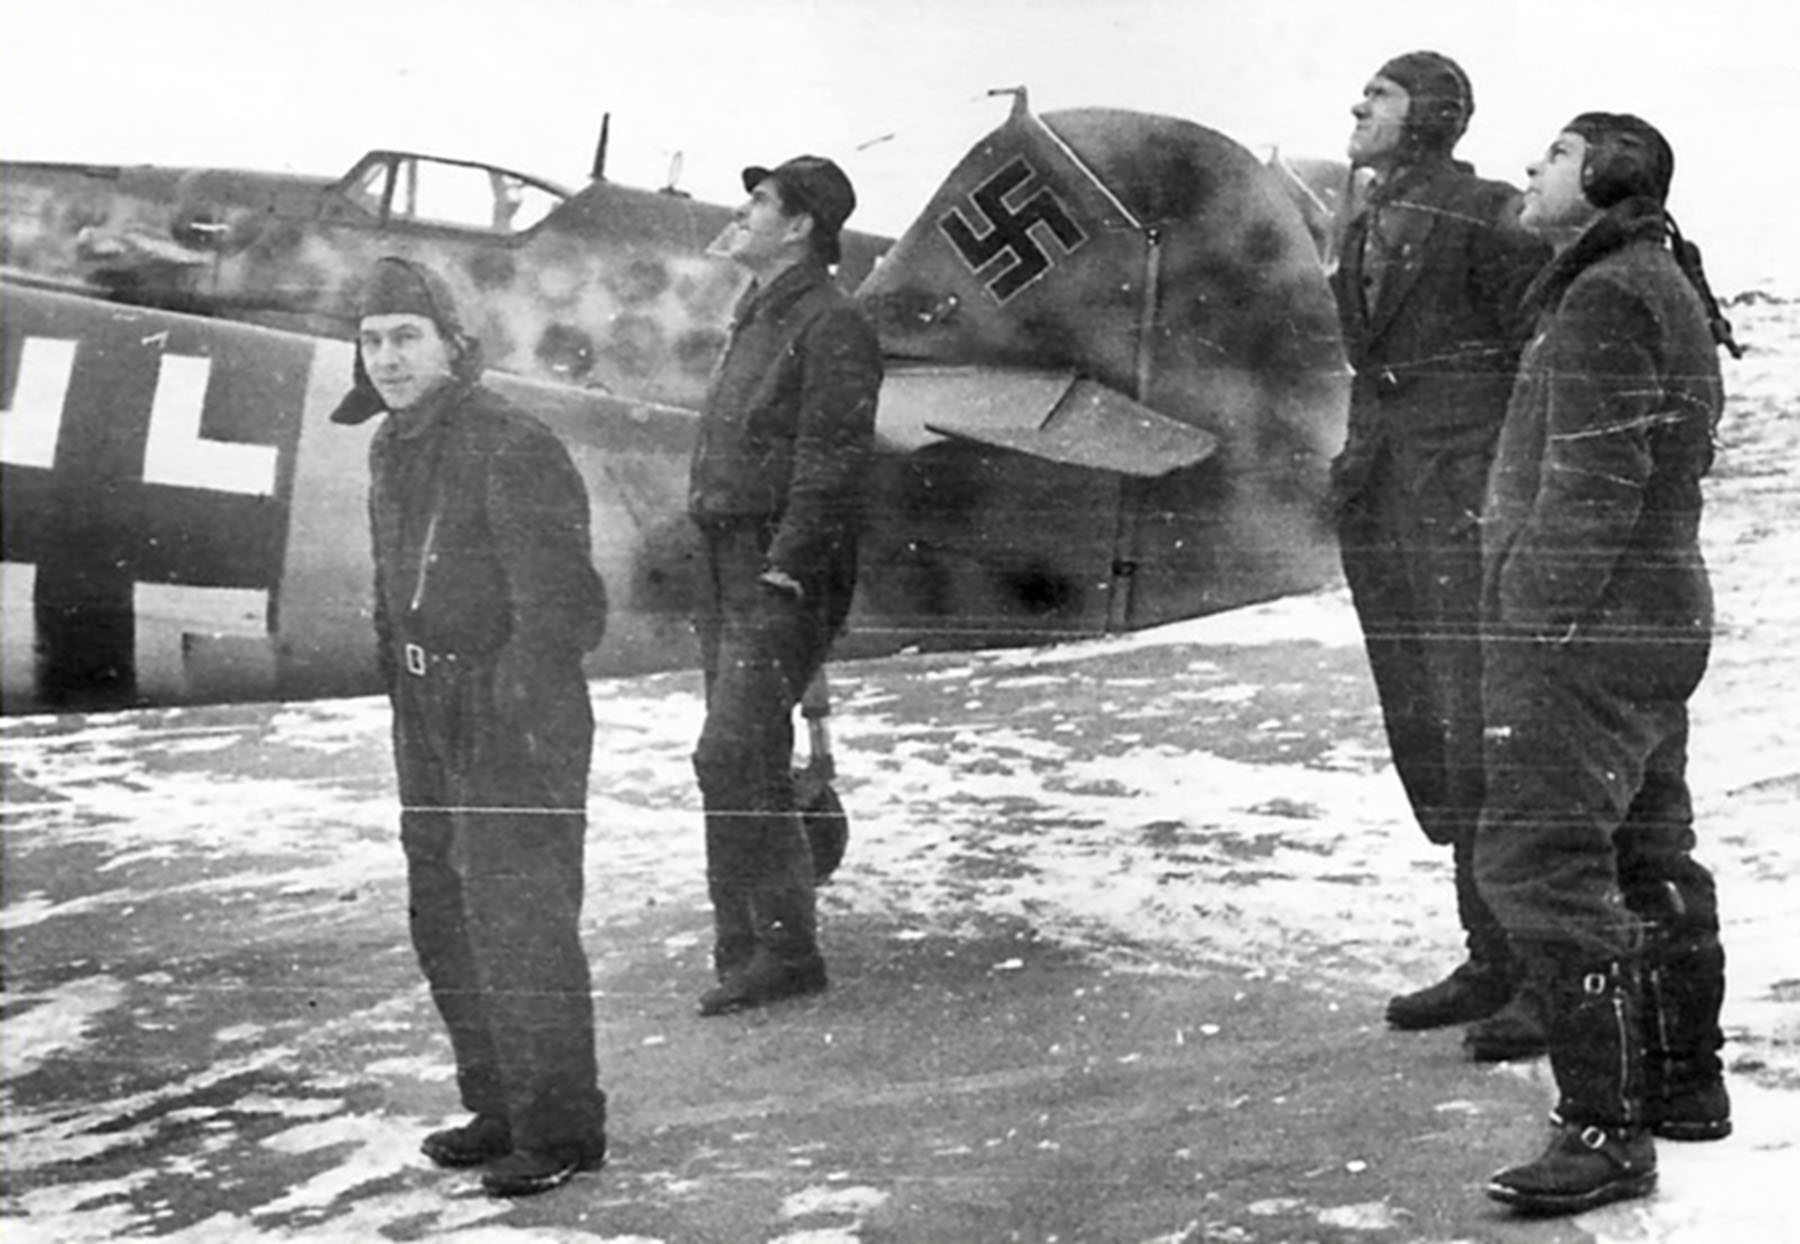 Messerschmitt Bf 109G14 Erla RVT WNr 785102 unknown unit Wertheim Germany Jan 1945 04